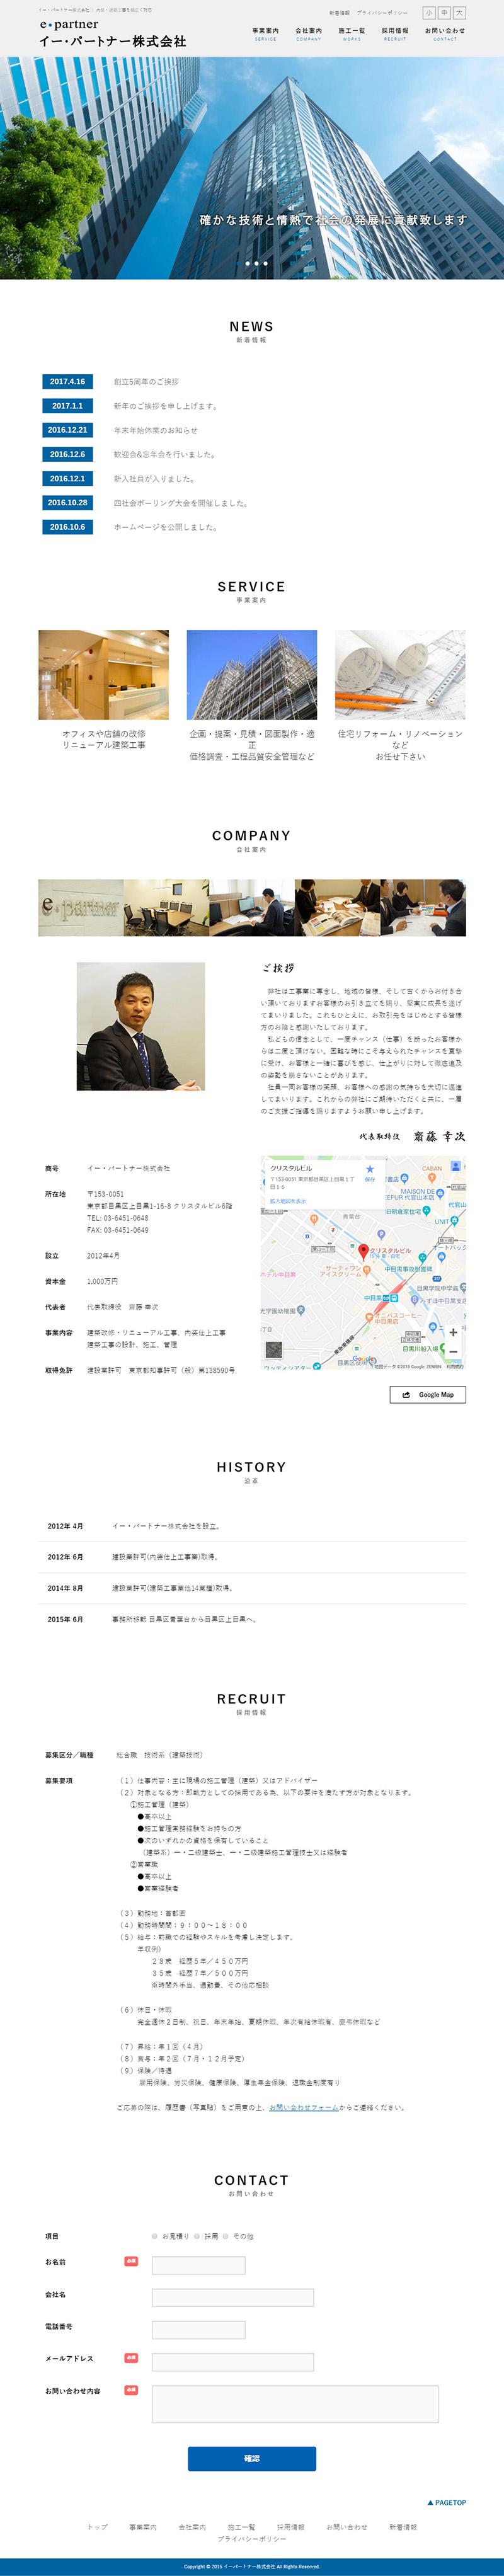 ホームページ制作事例イー・パートナー株式会社様 - 会社HP